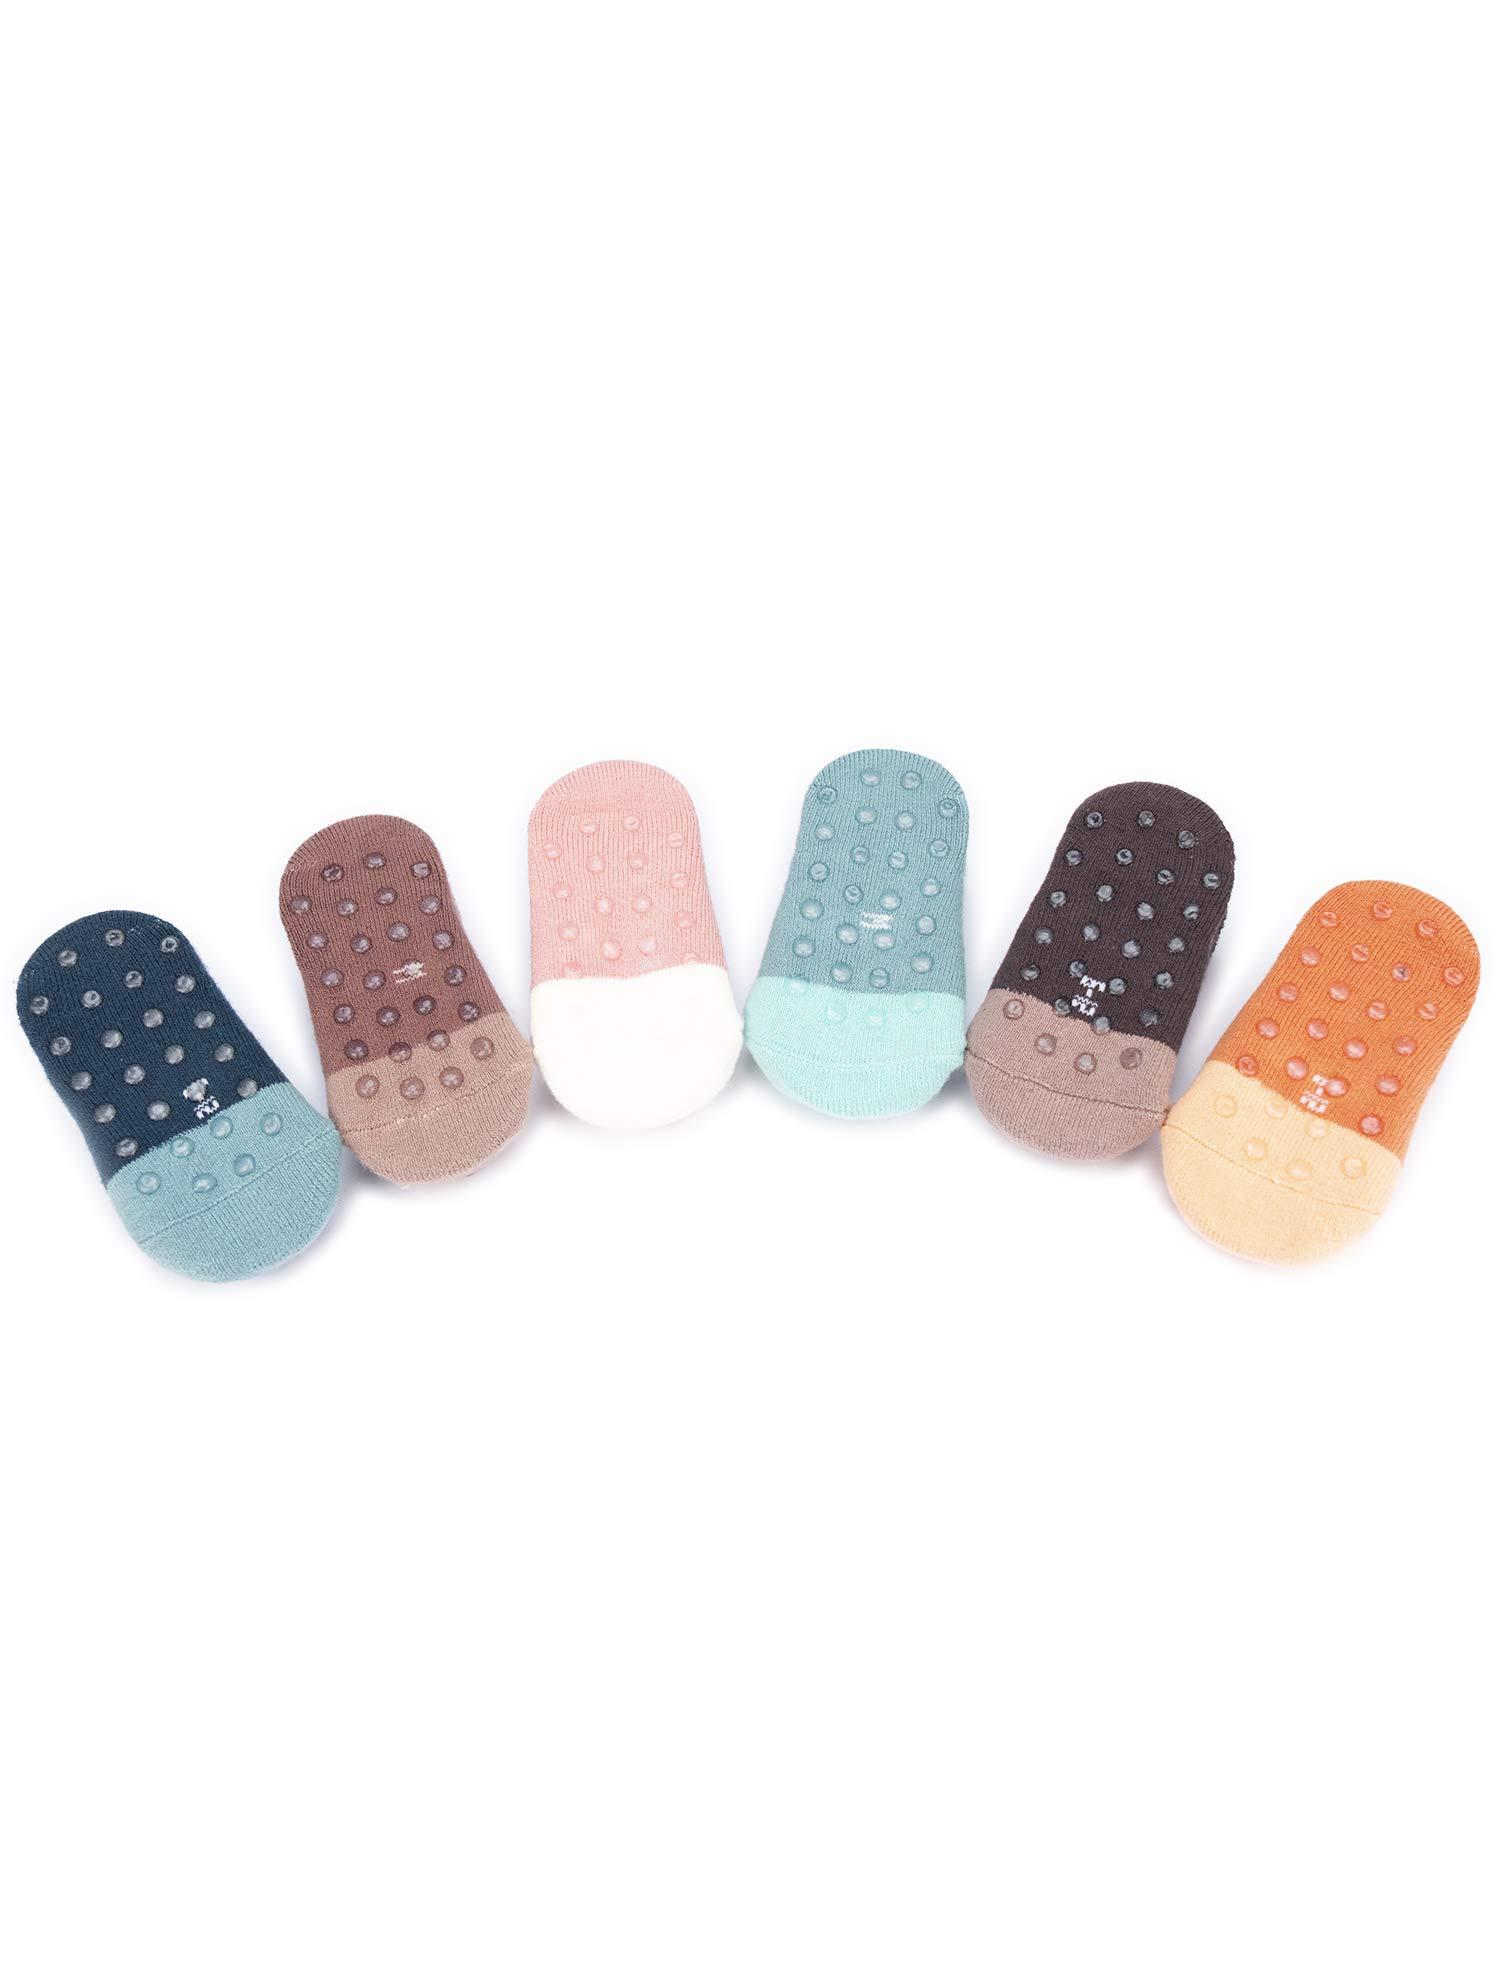 Adorel Calcetines Zapato Antideslizantes para Bebé Lote de 6 3